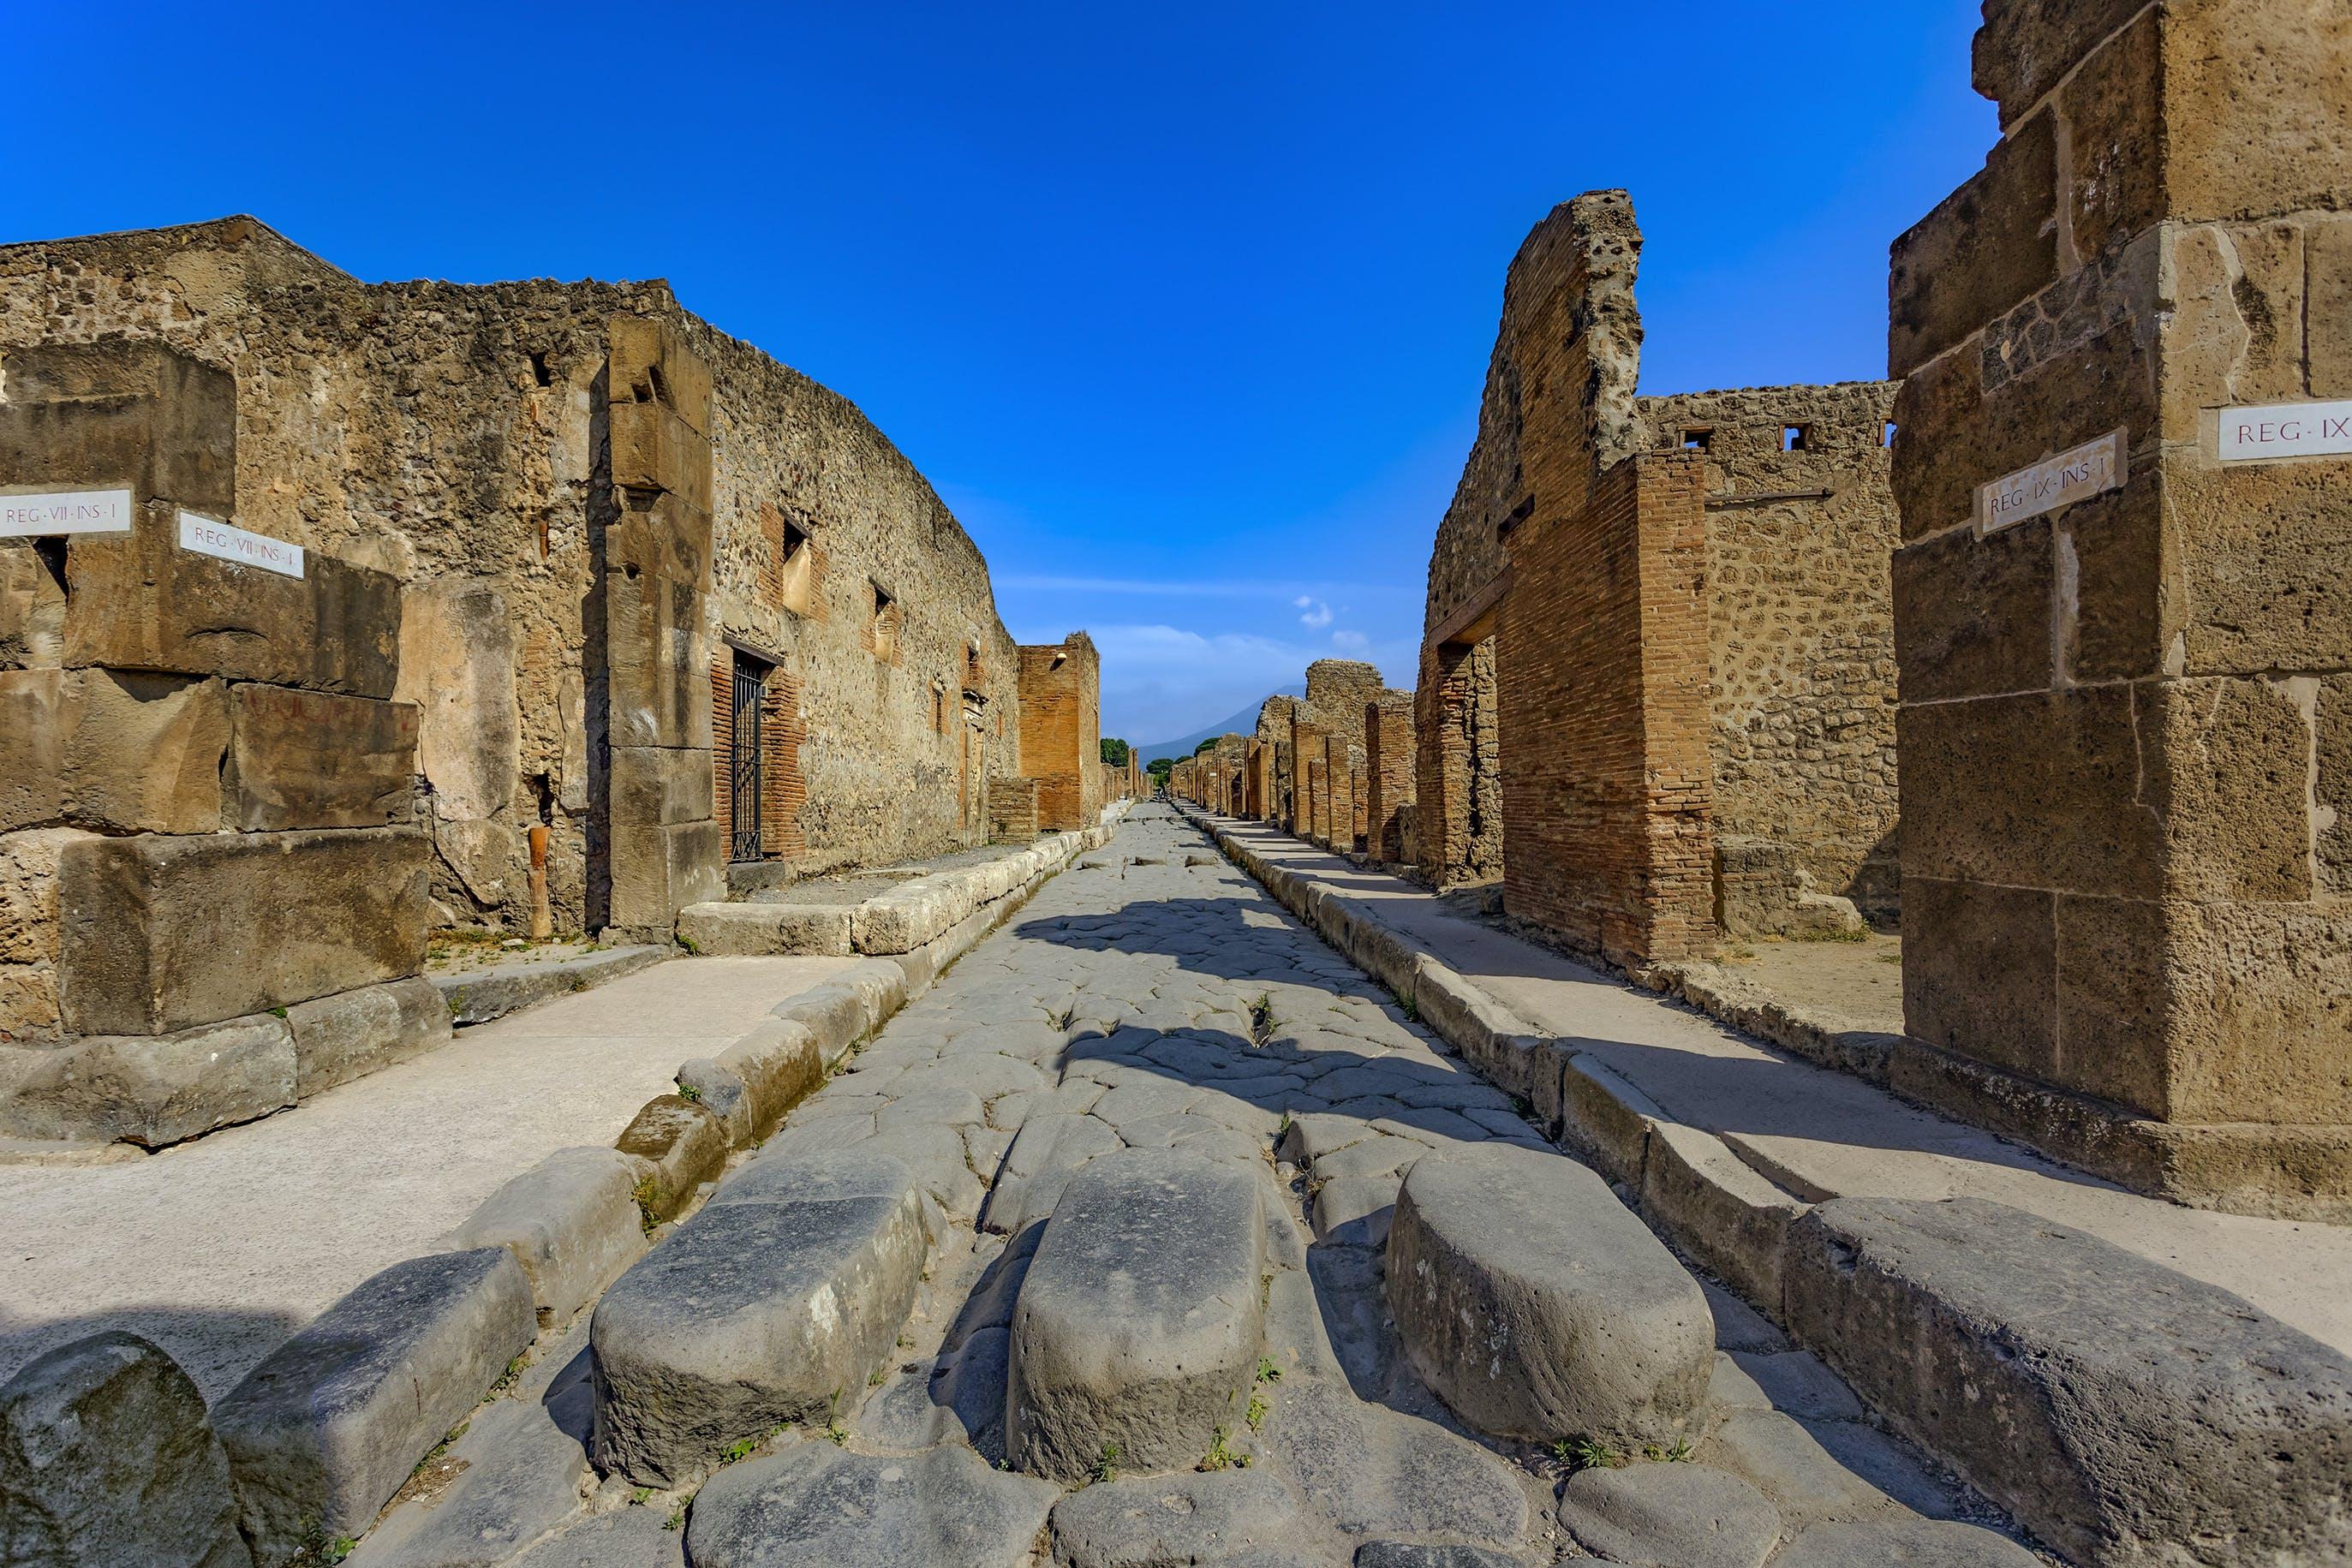 Skip-the-line bilety z opcjonalną wycieczką z przewodnikiem po Ruinach Pompejów